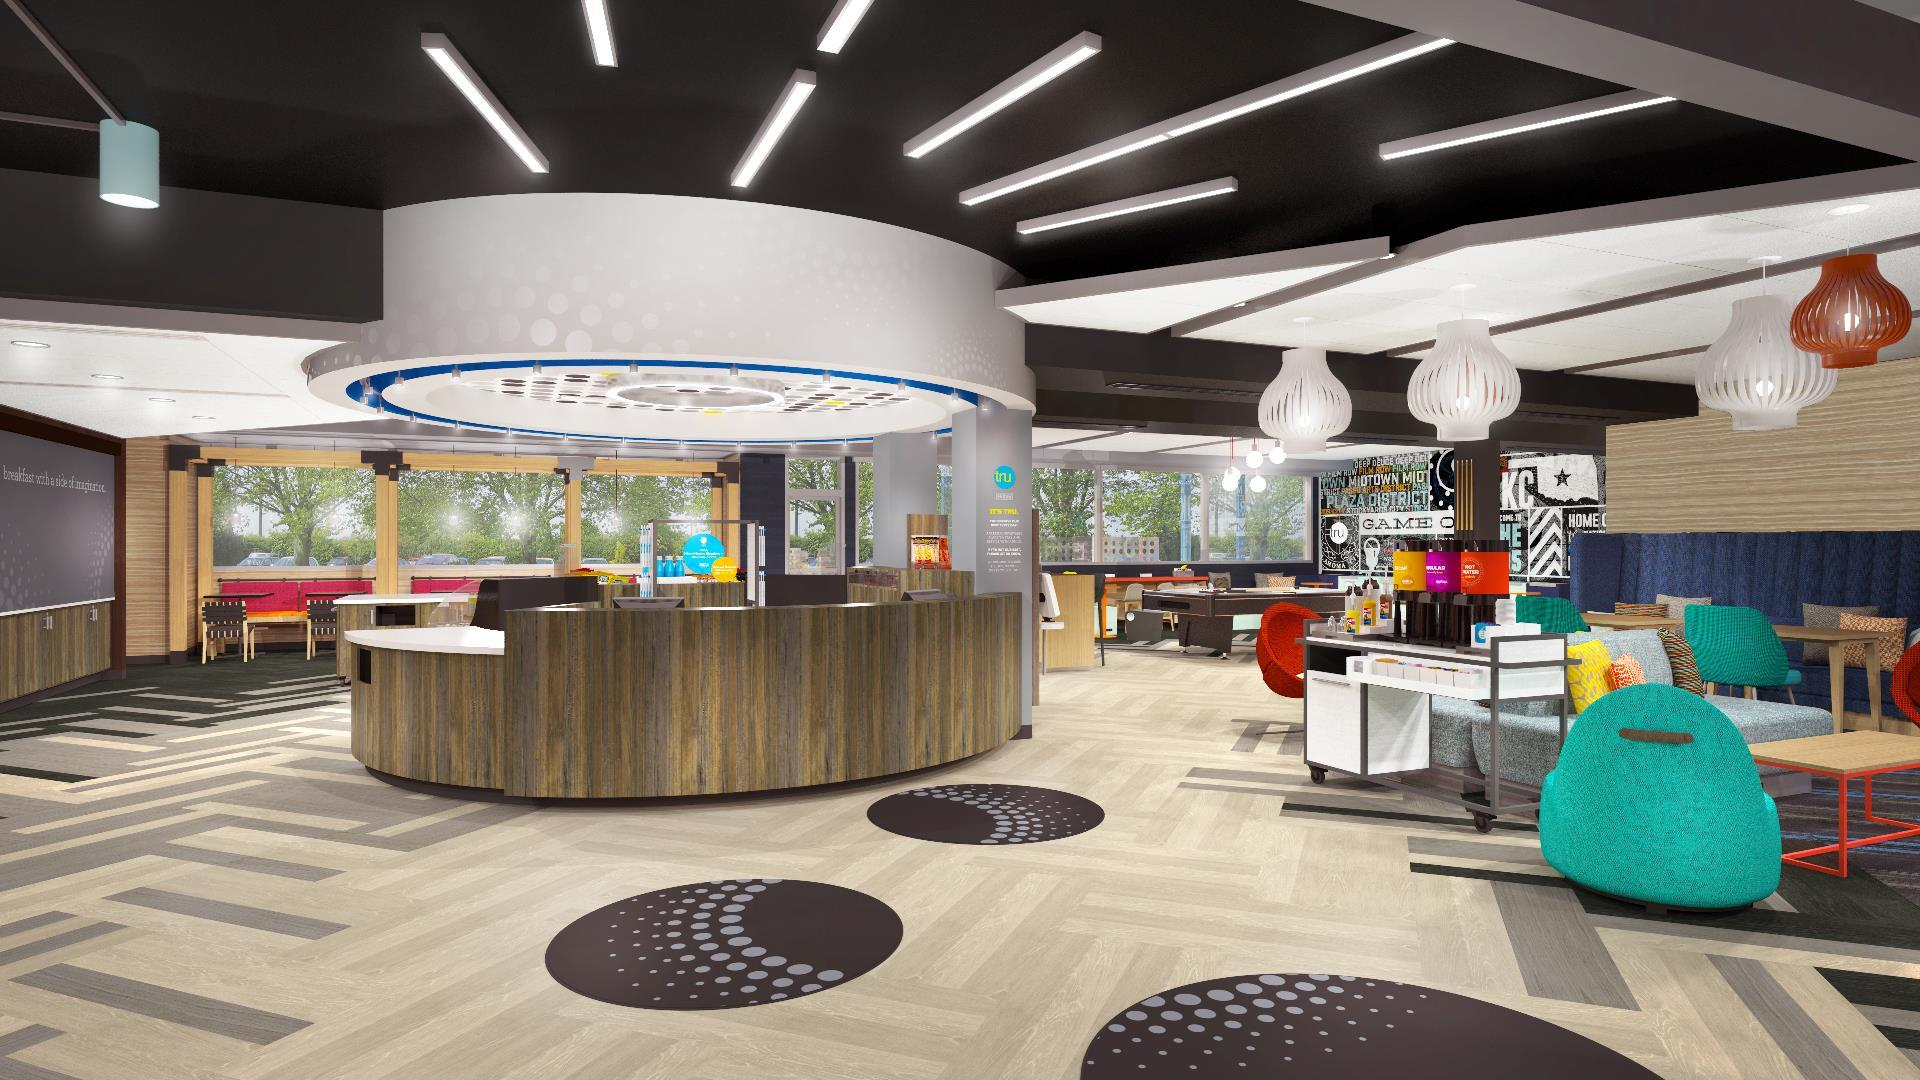 Tru es la nueva marca de Hilton y ya abrió su primer hotel